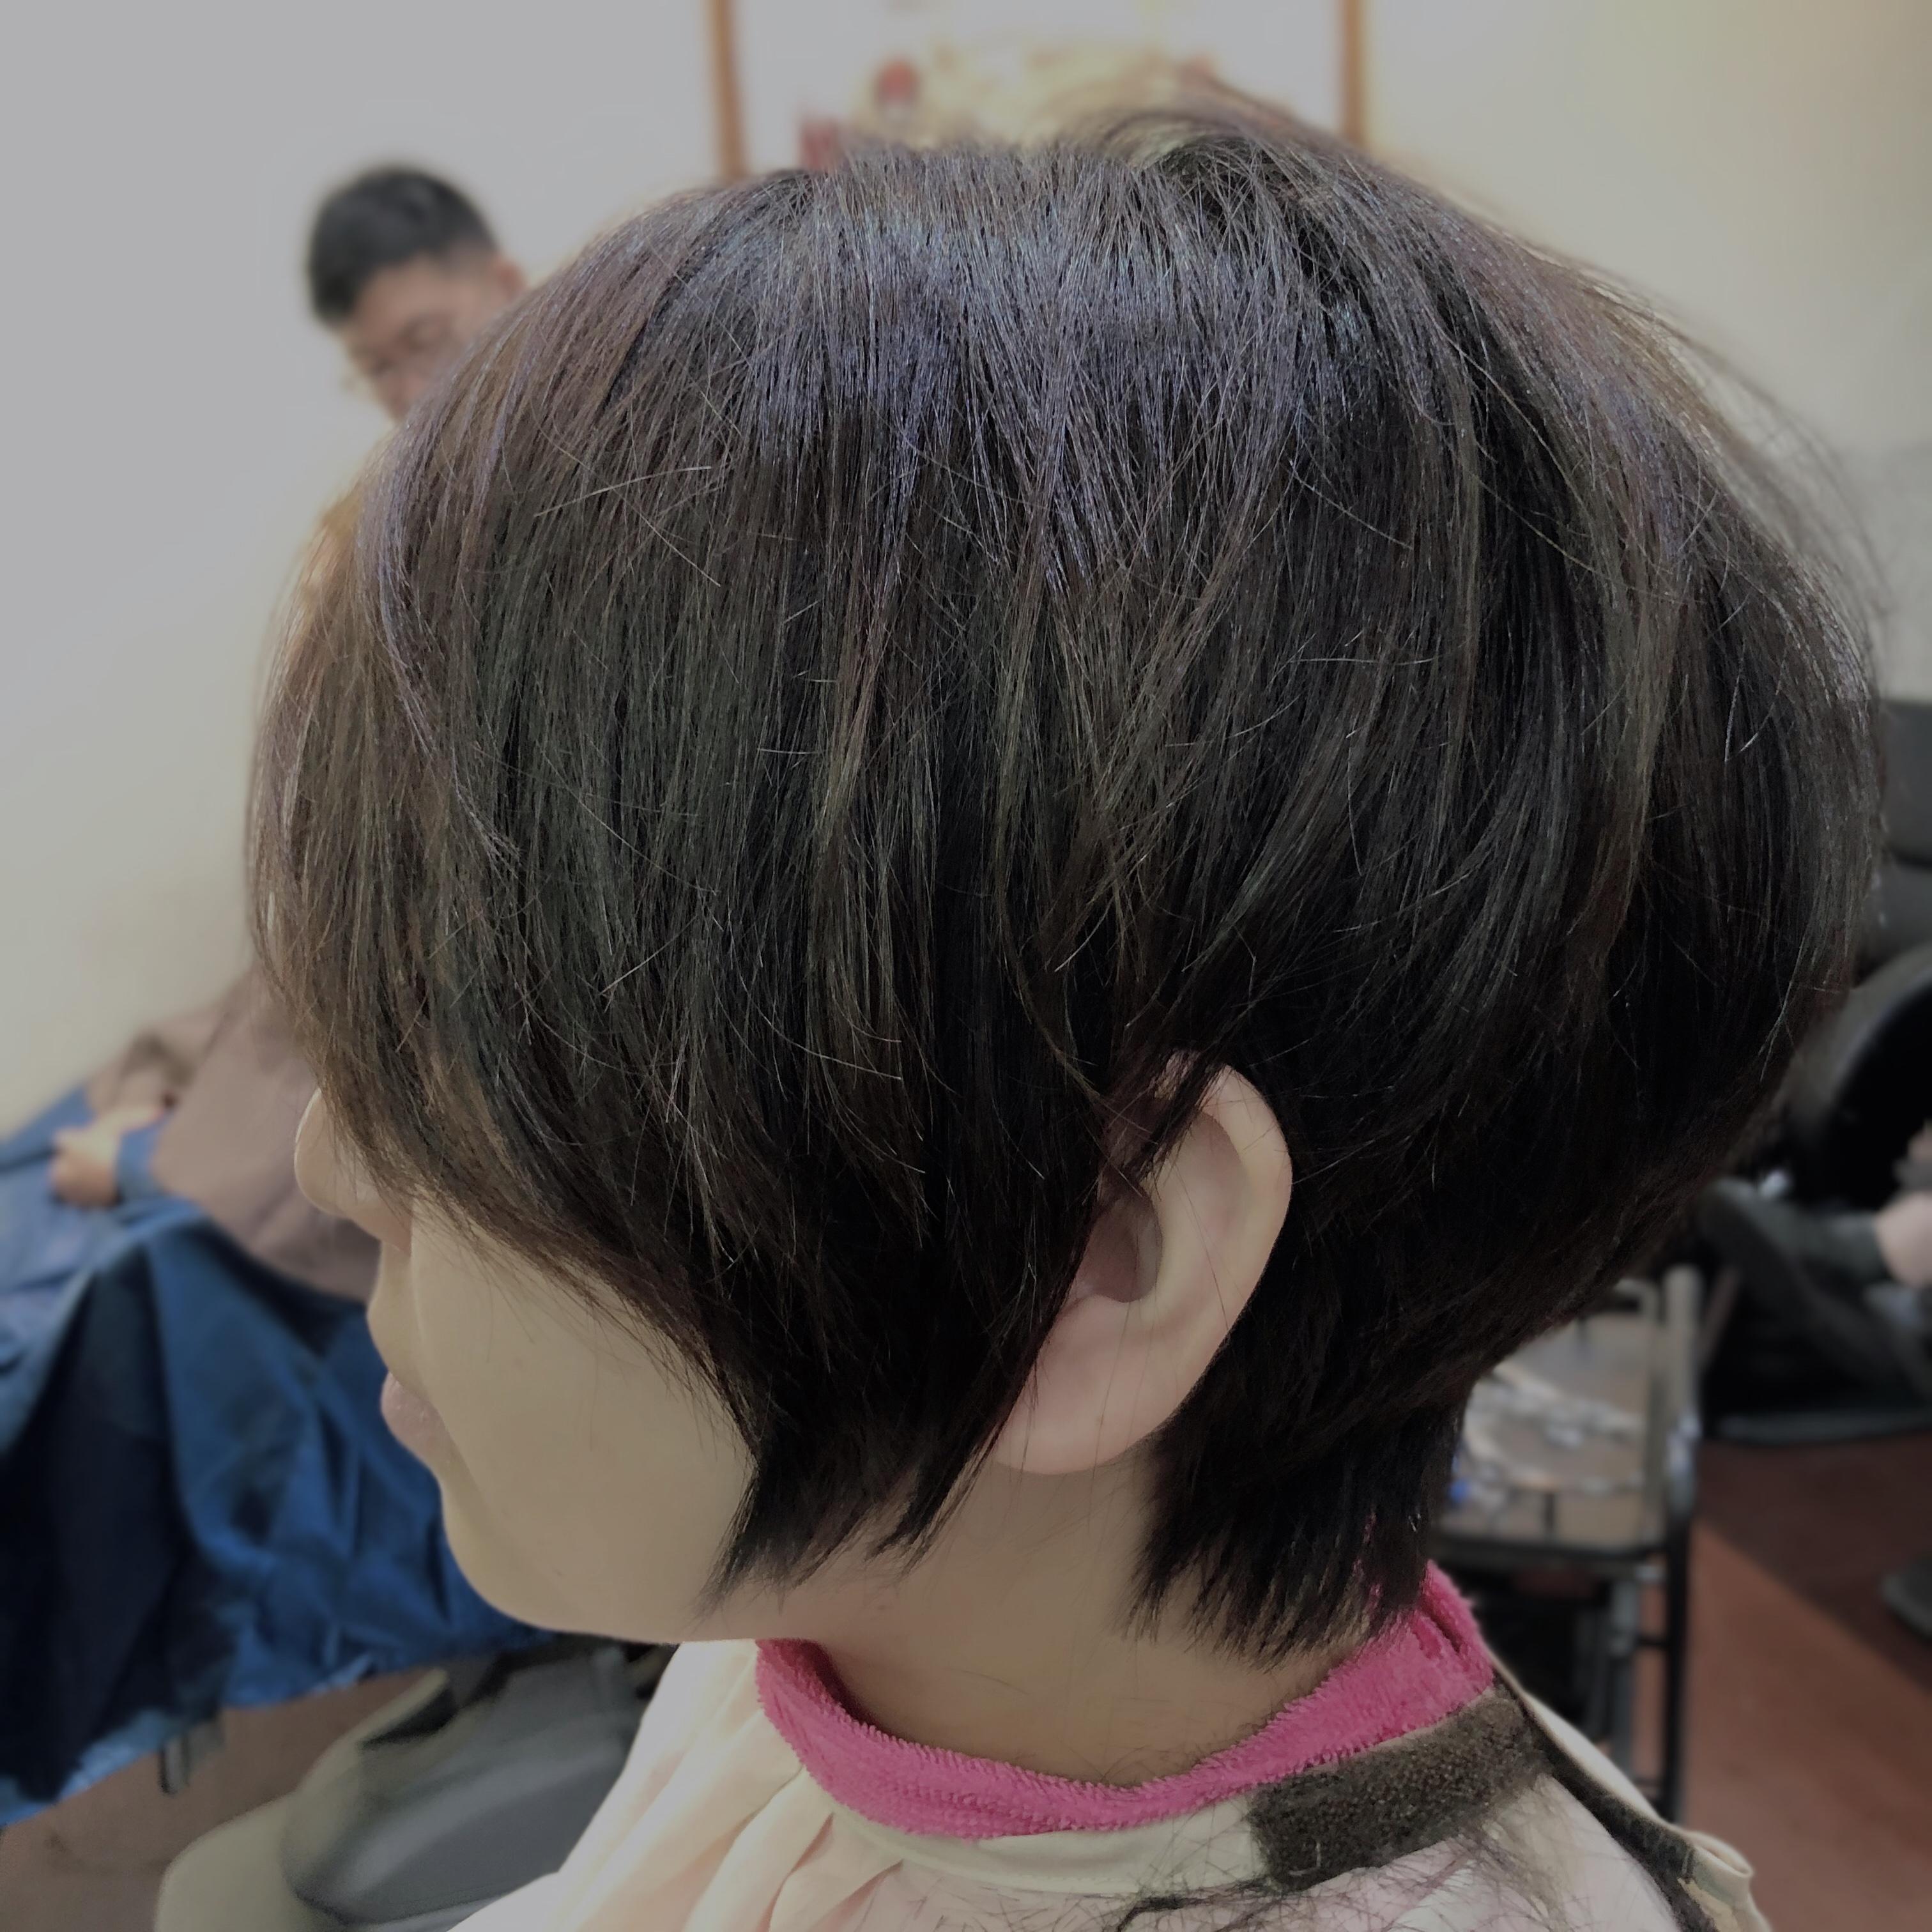 統計では80%の人がブローレススタイルに関心を持っている。夙川アンヌ美容室